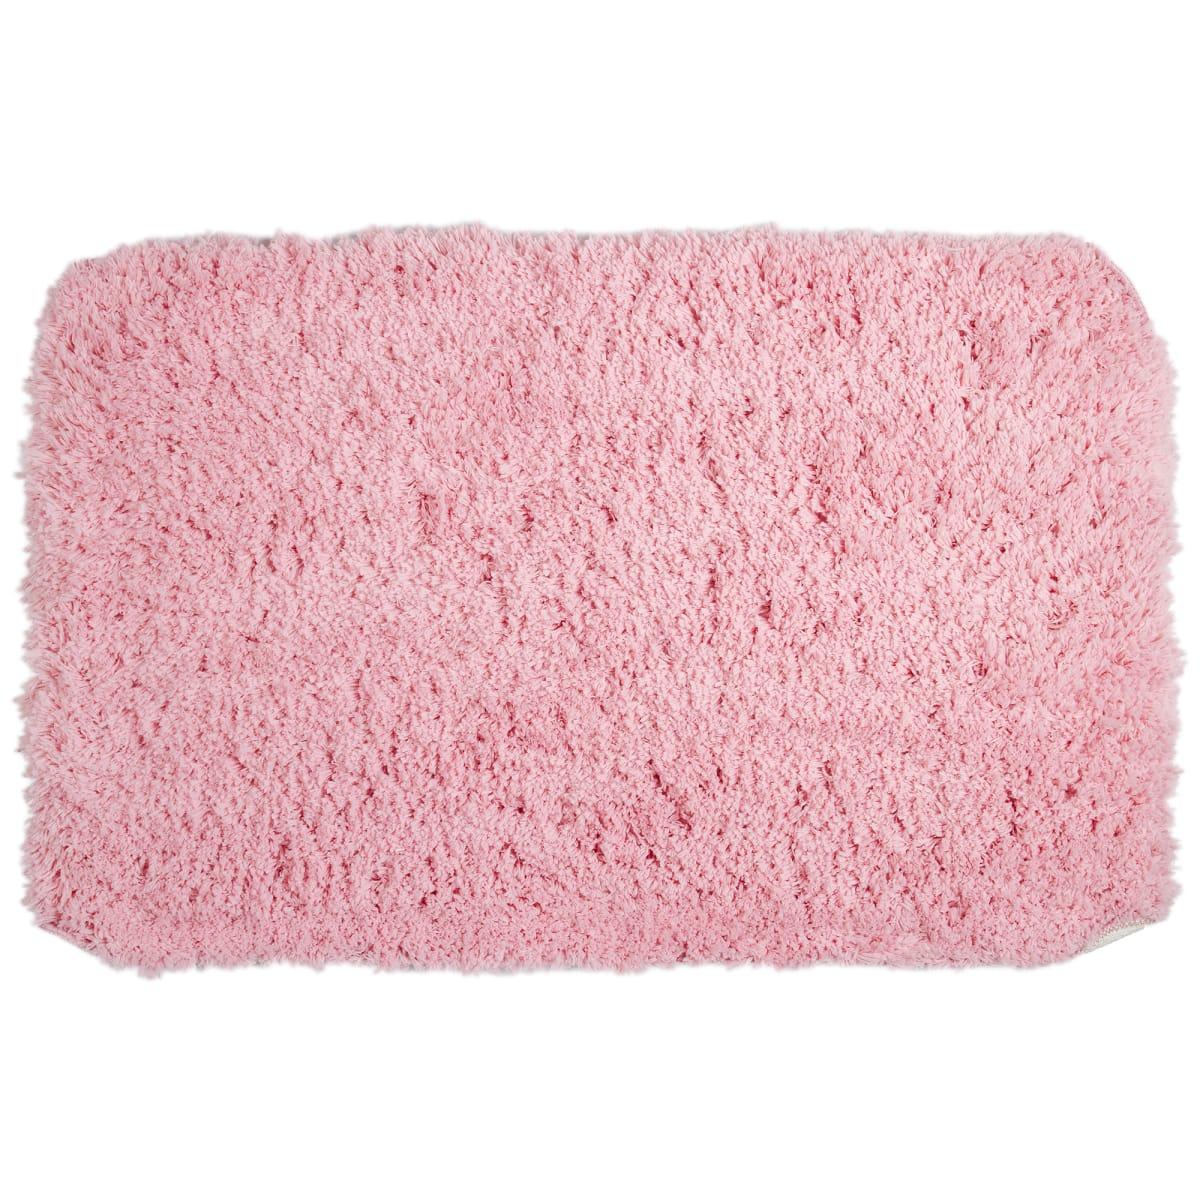 Коврик для ванной комнаты 60х90 см цвет розовый